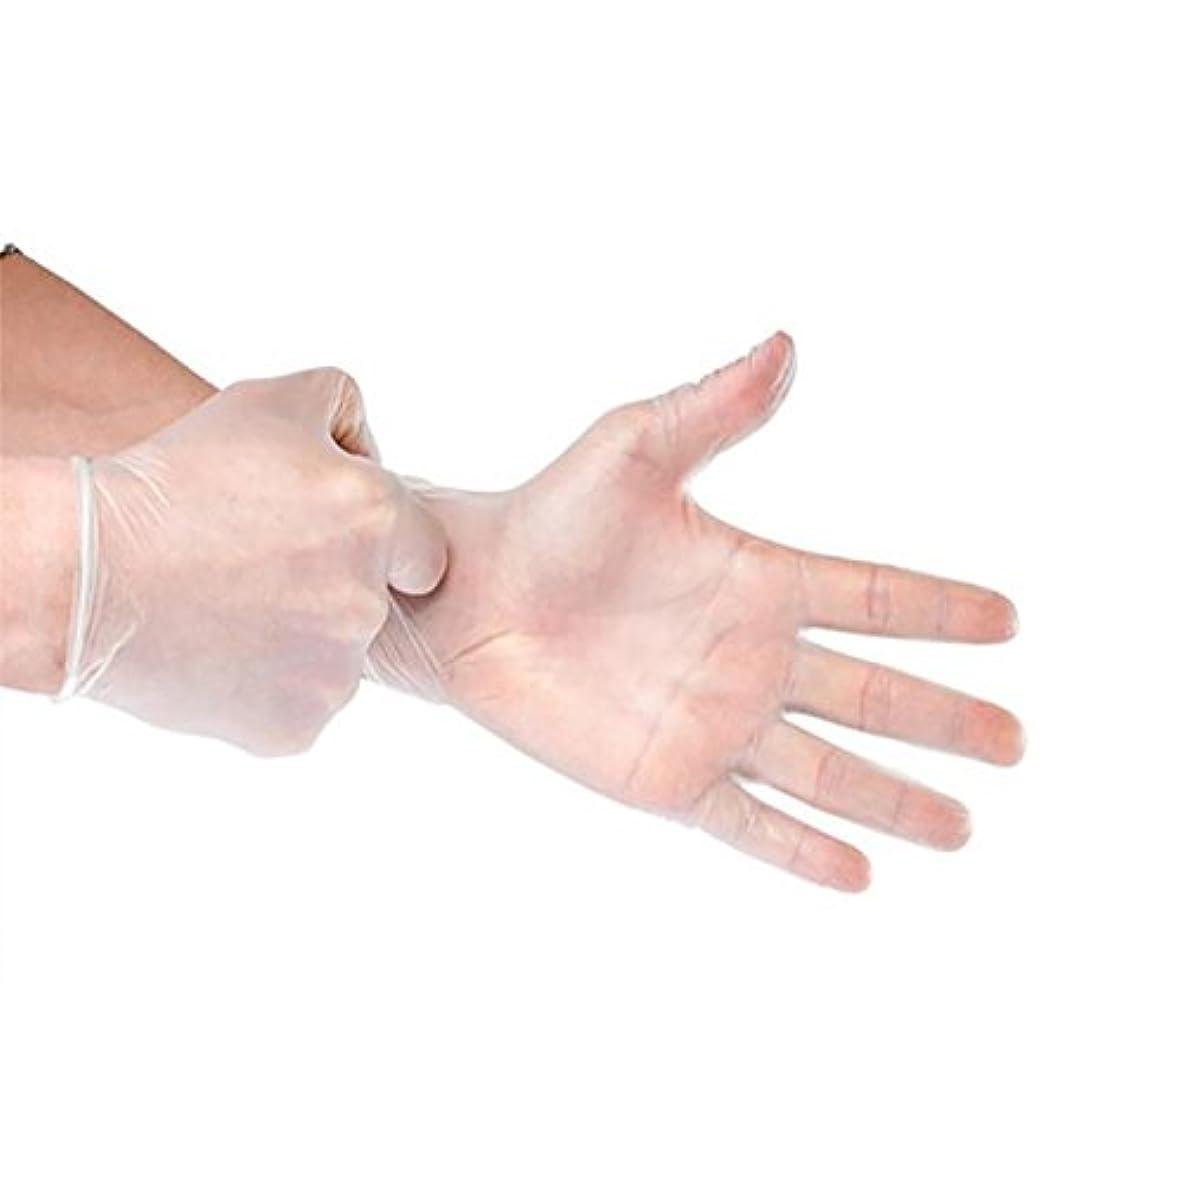 平衡胴体恥ずかしさCozyswan 使い捨て手袋 100枚入り 粉なし検査 料理 絵 清潔 掃除 ペット管理 size M (透明)